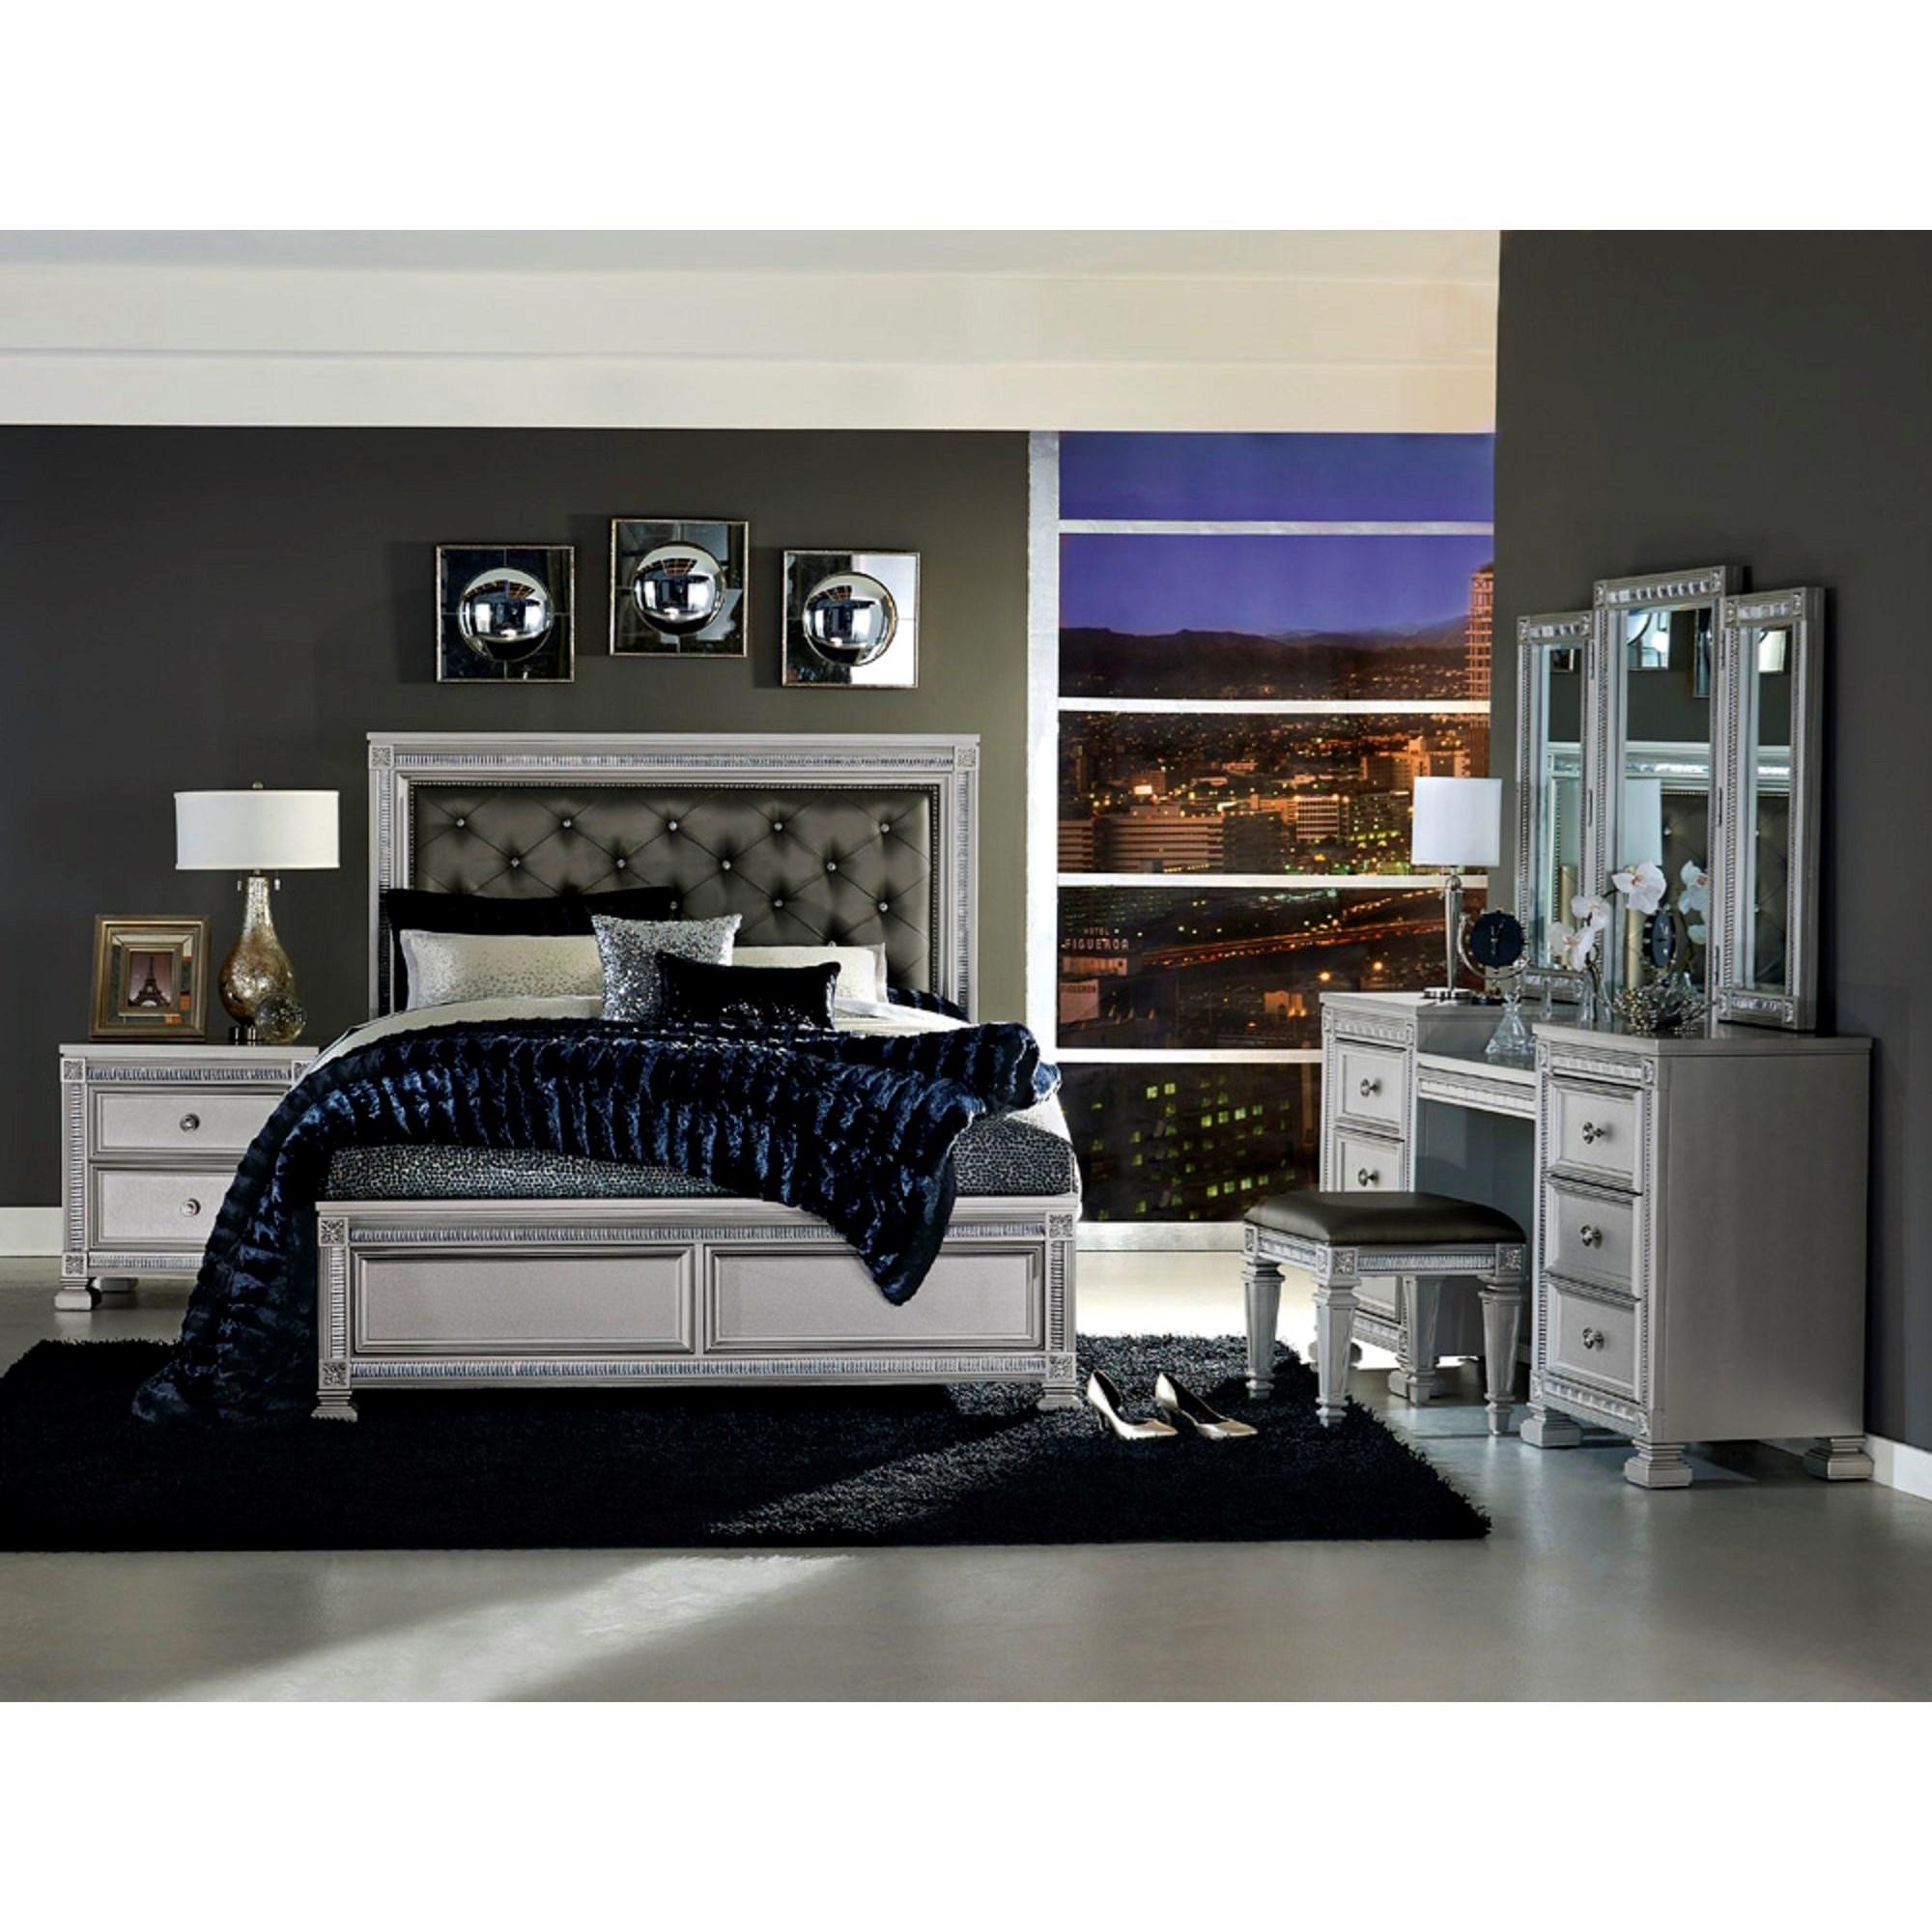 King Bedroom Group w/ Vanity